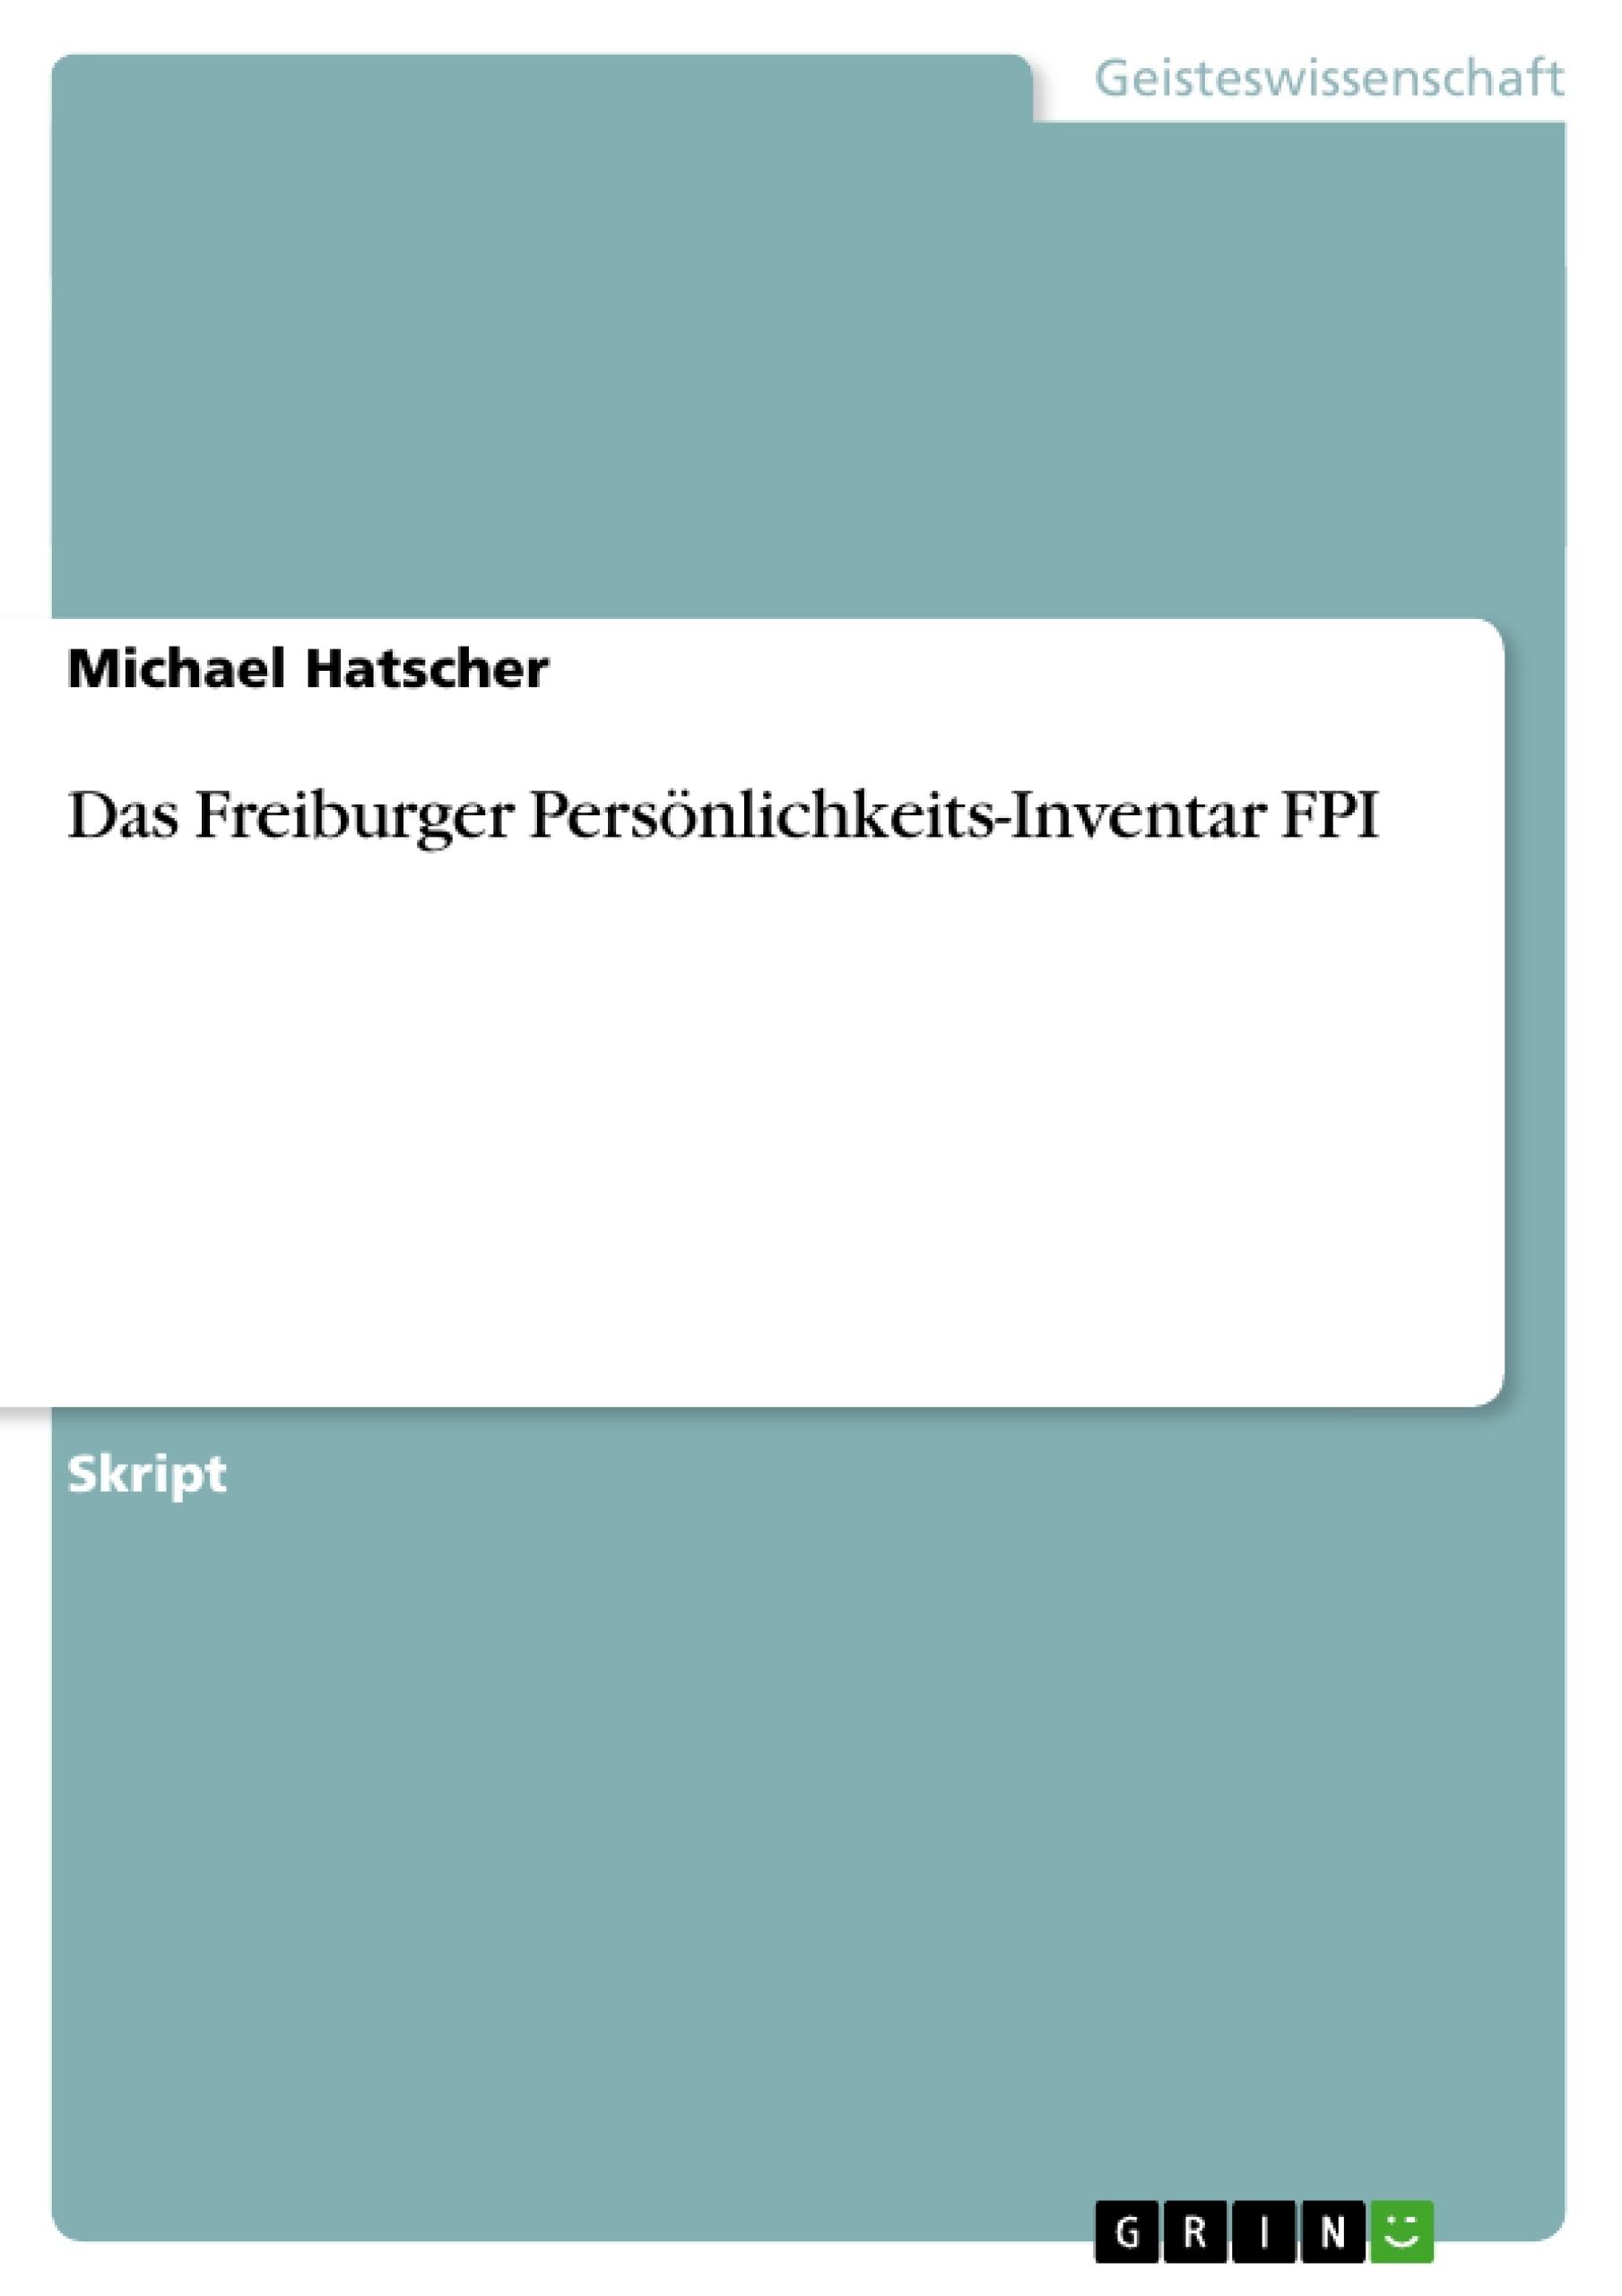 Titel: Das Freiburger Persönlichkeits-Inventar FPI